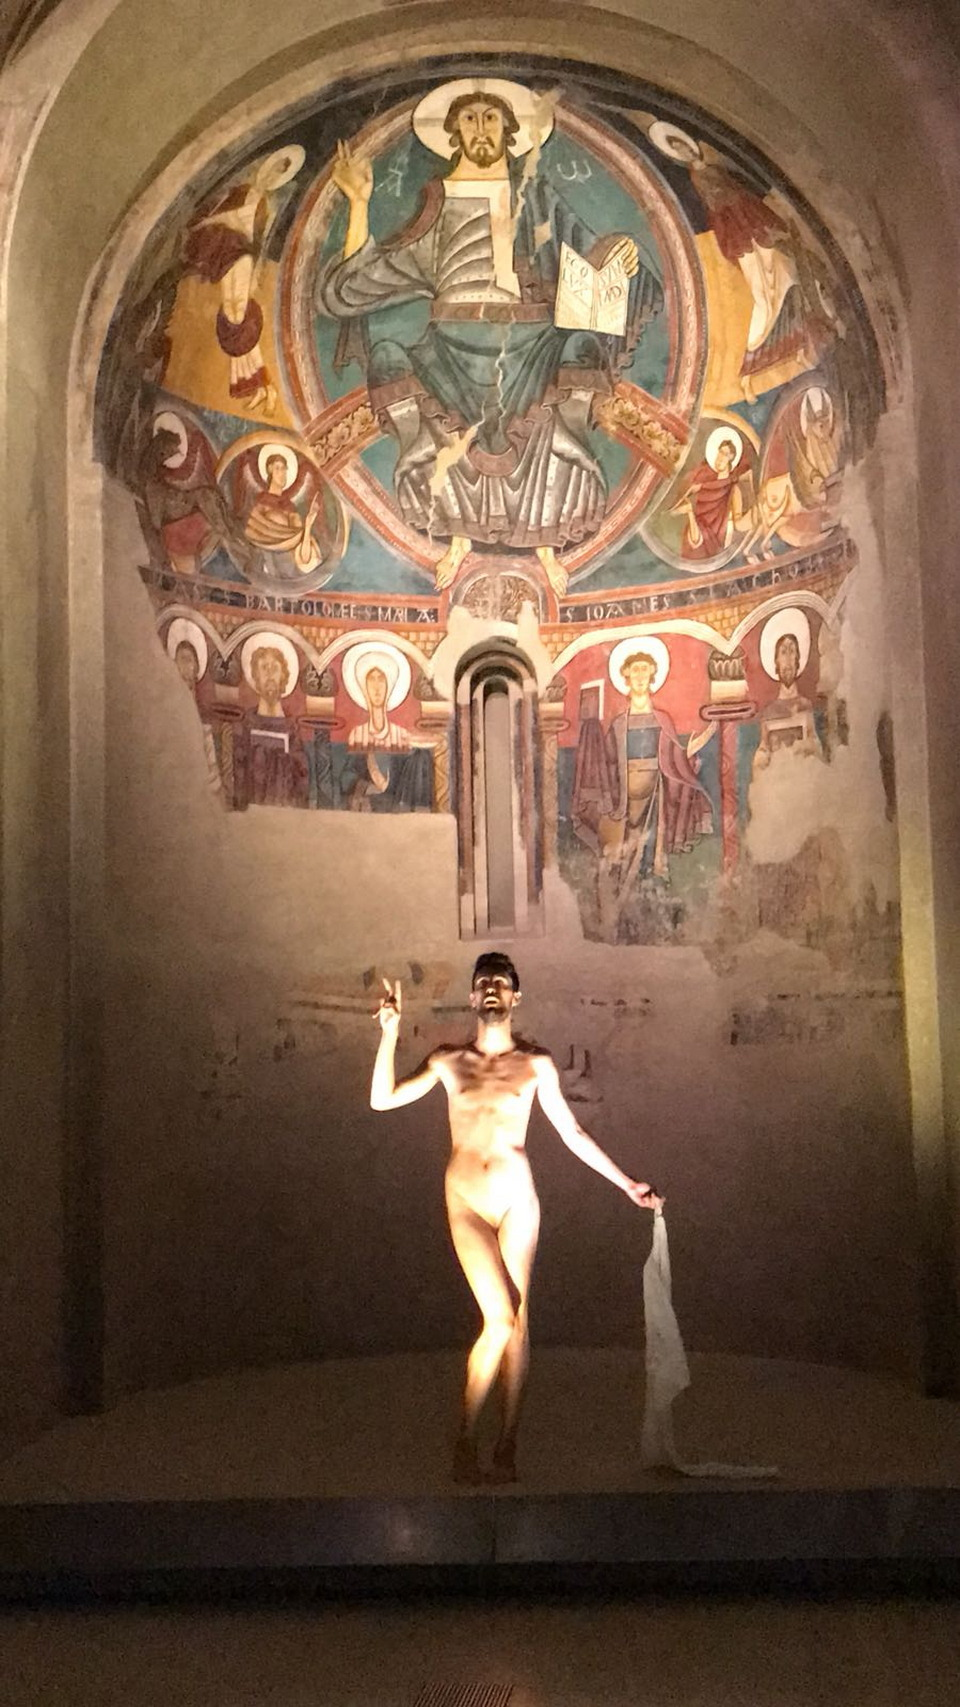 Испанец позирует перед произведениями искусства голышом